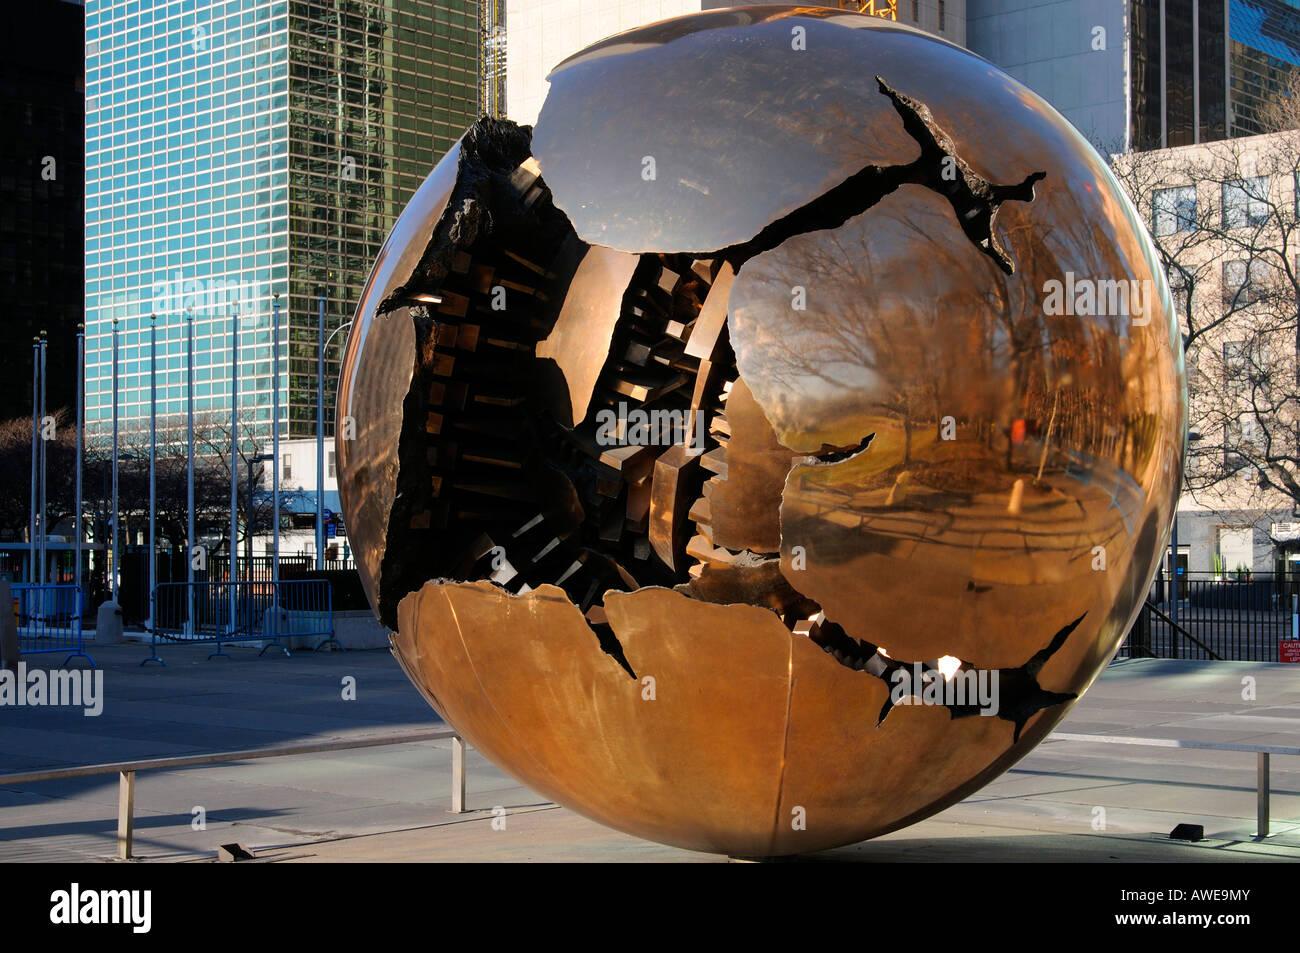 Scultura in bronzo Sfera sfera di Arnaldo Pomodoro, giardino delle Nazioni Unite di New York, Stati Uniti d'America Immagini Stock